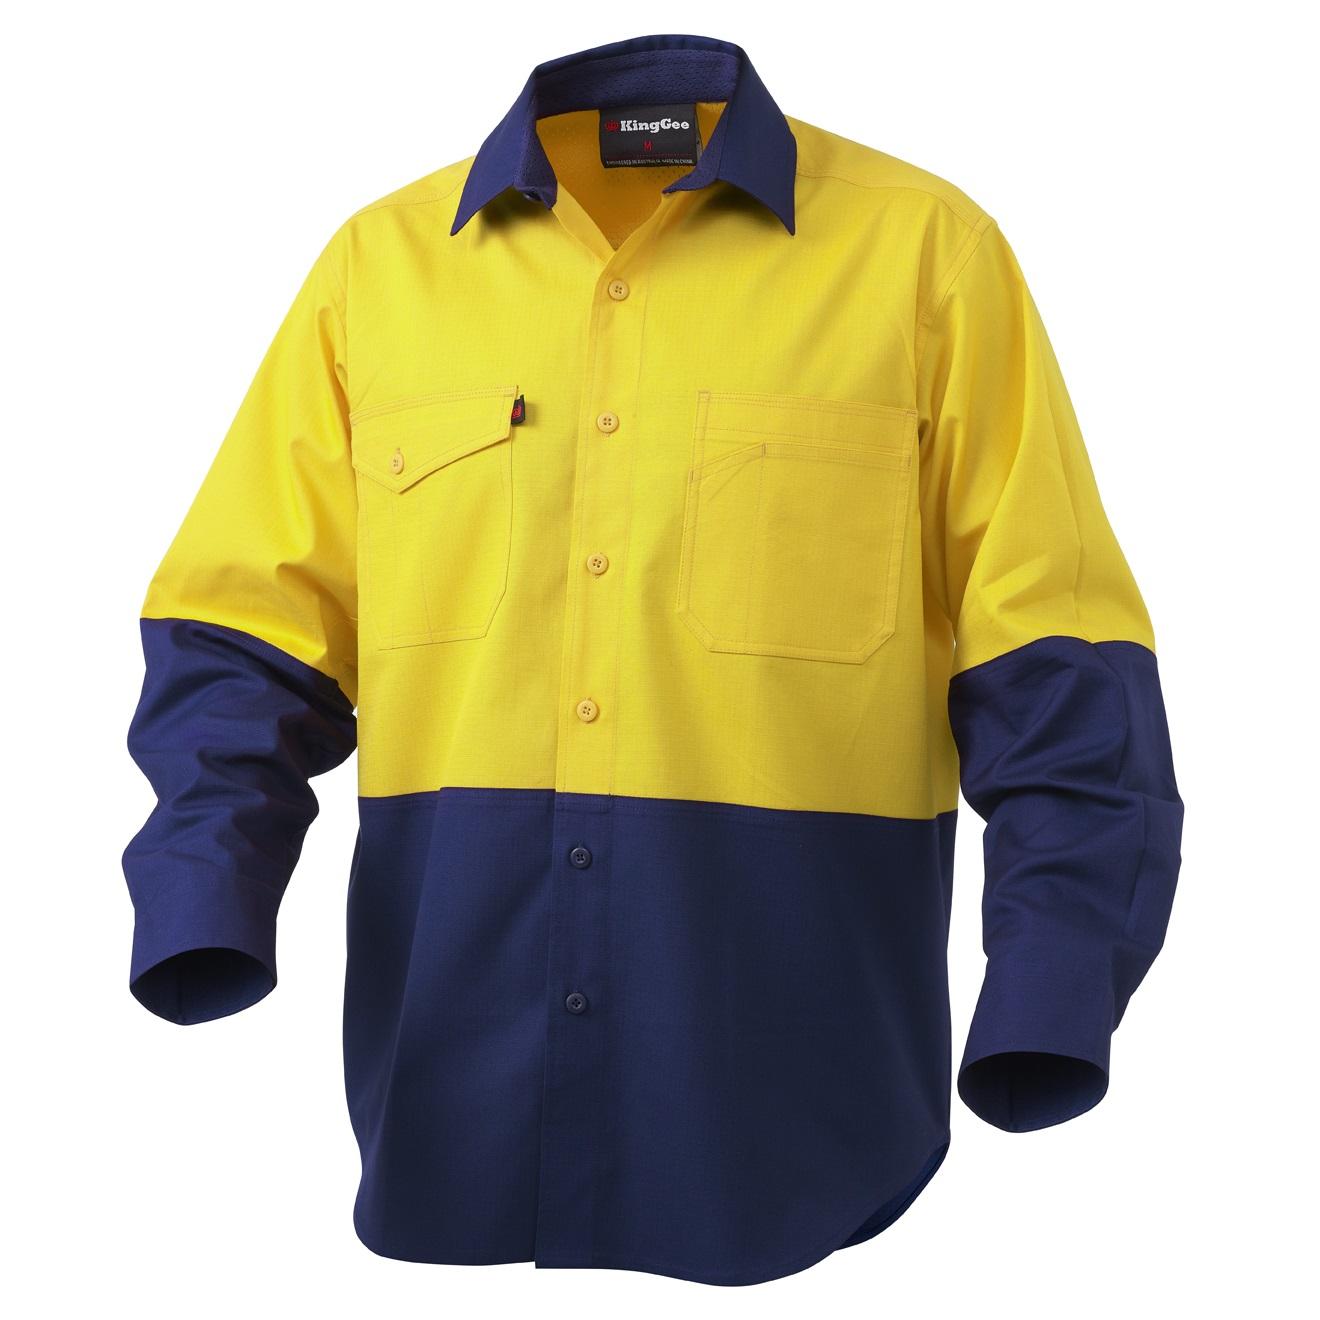 K54870-2-yellow_navy